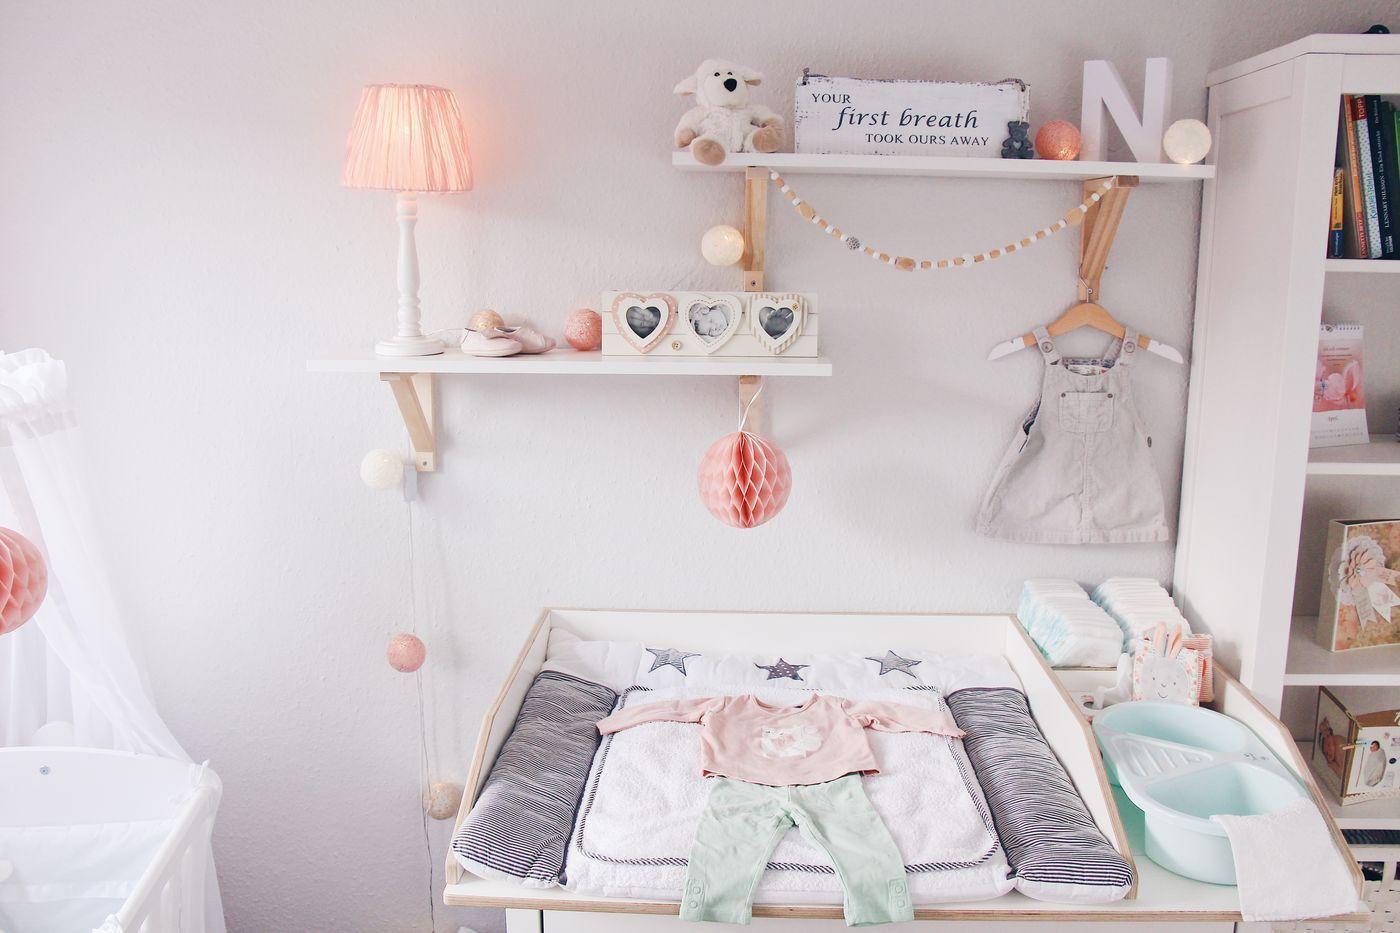 Ikea Kronleuchter Kinderzimmer ~ Die schönsten ideen mit der ikea hemnes serie seite 10